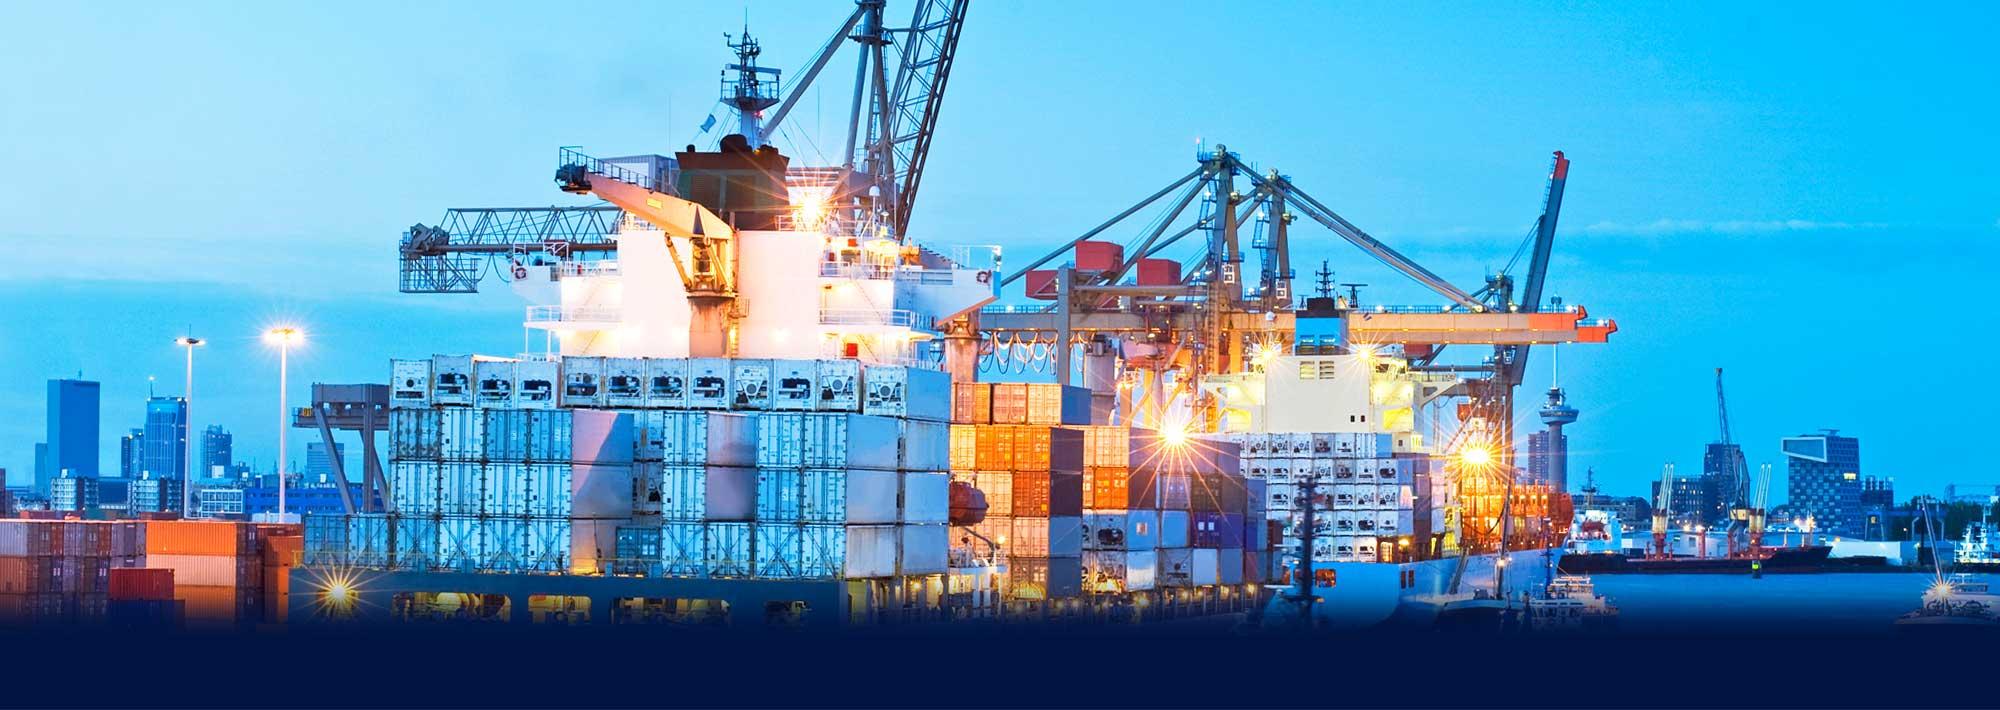 Rủi ro xuất nhập khẩu hàng hoá